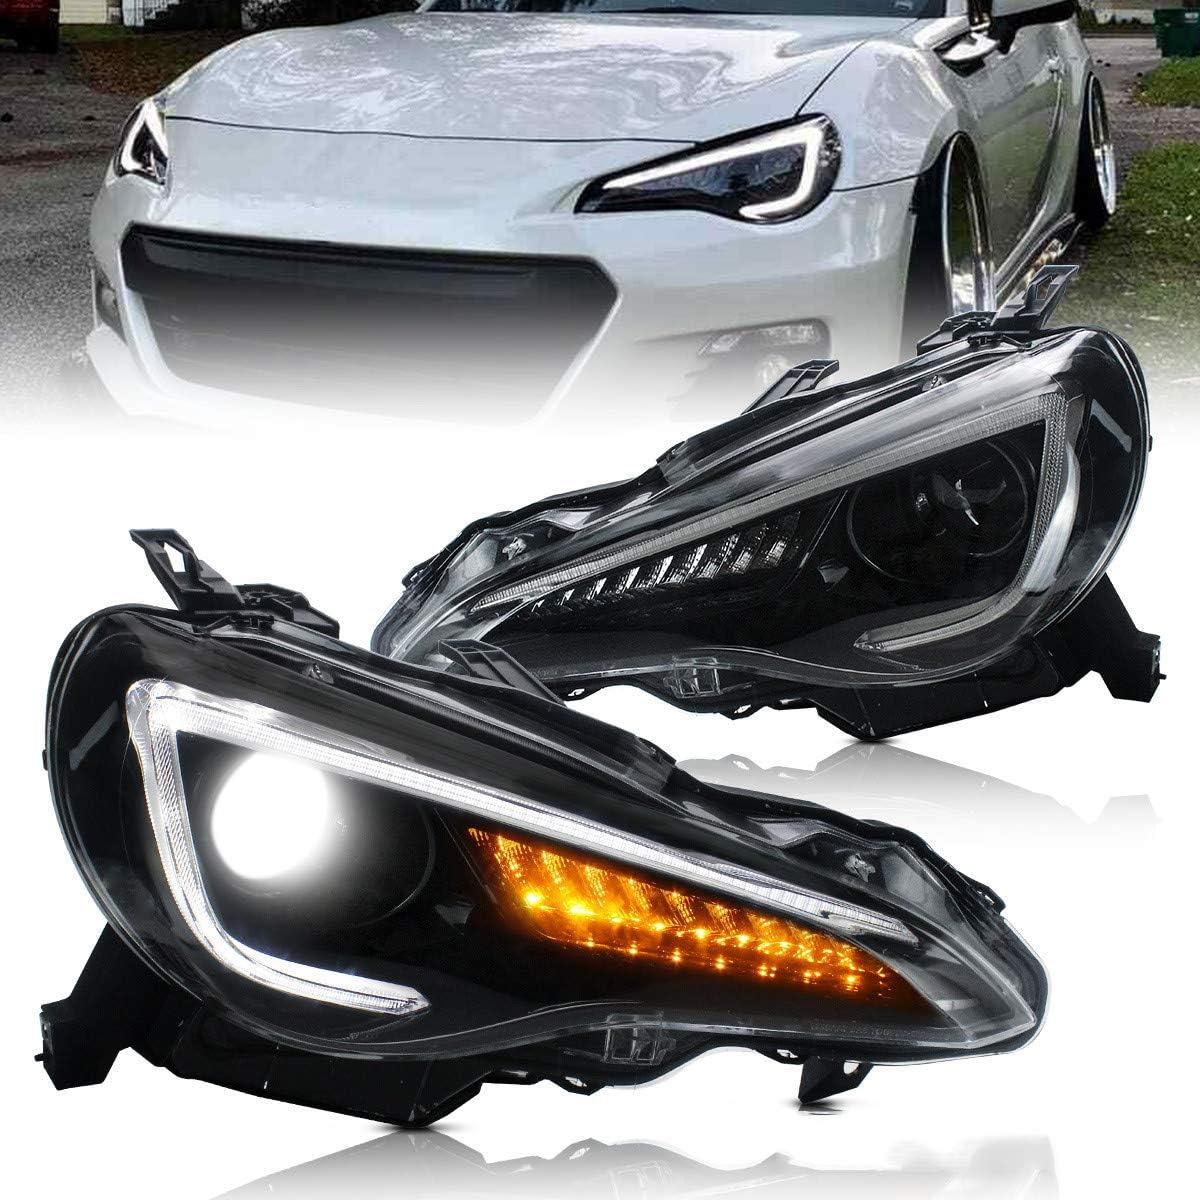 VLAND Feux phares pour 2012-2019 GT86 FT 86 BRZ FR-S Feux avant,avec clignotant dynamique,LED DRL Tech,Noir